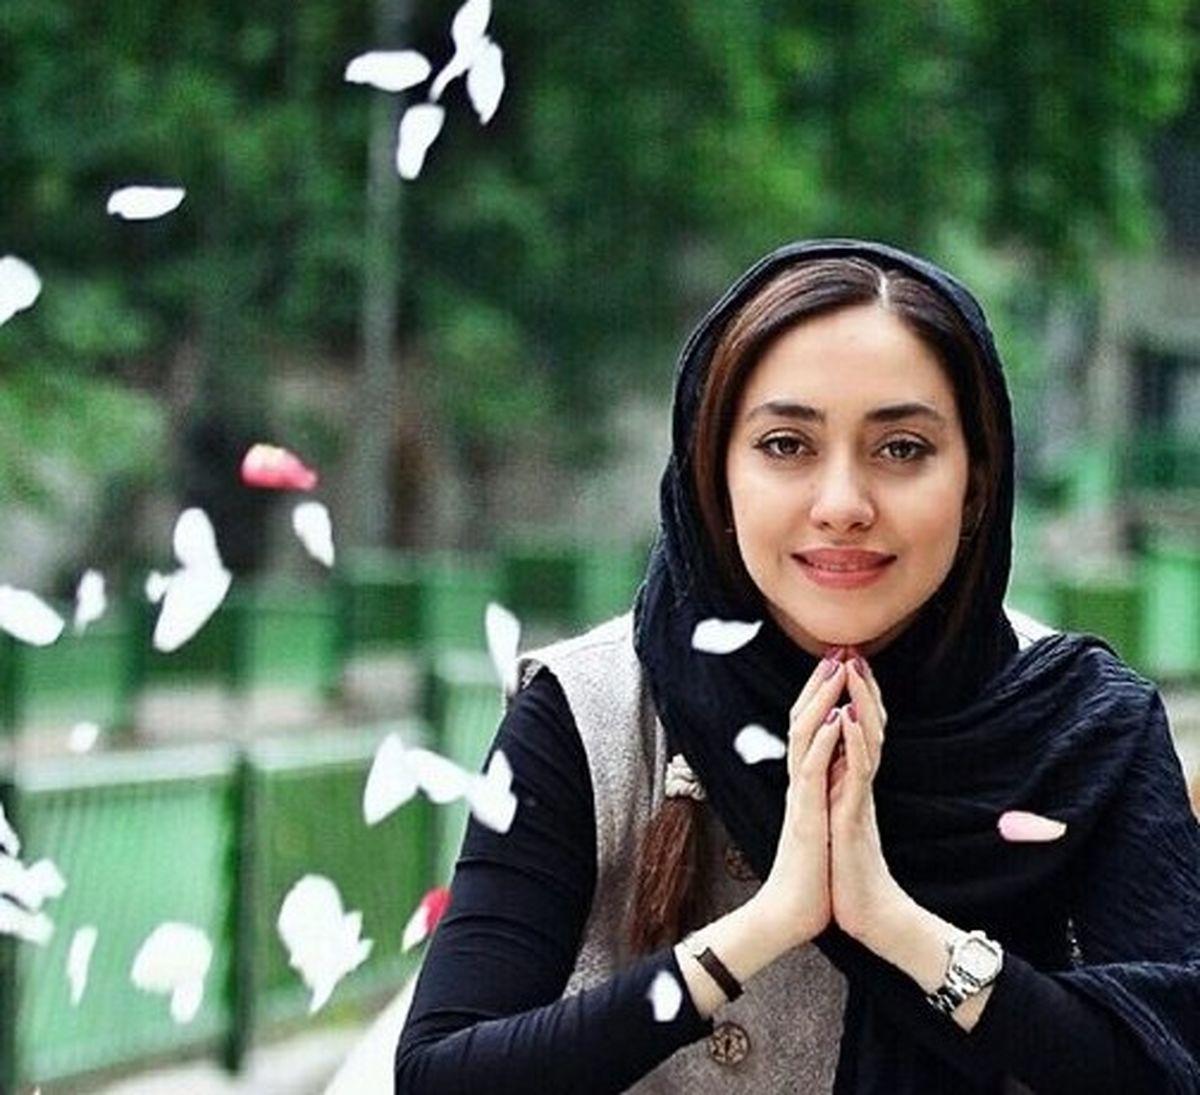 گریم عجیب و غریب بهاره کیان افشار+عکس دیده نشده